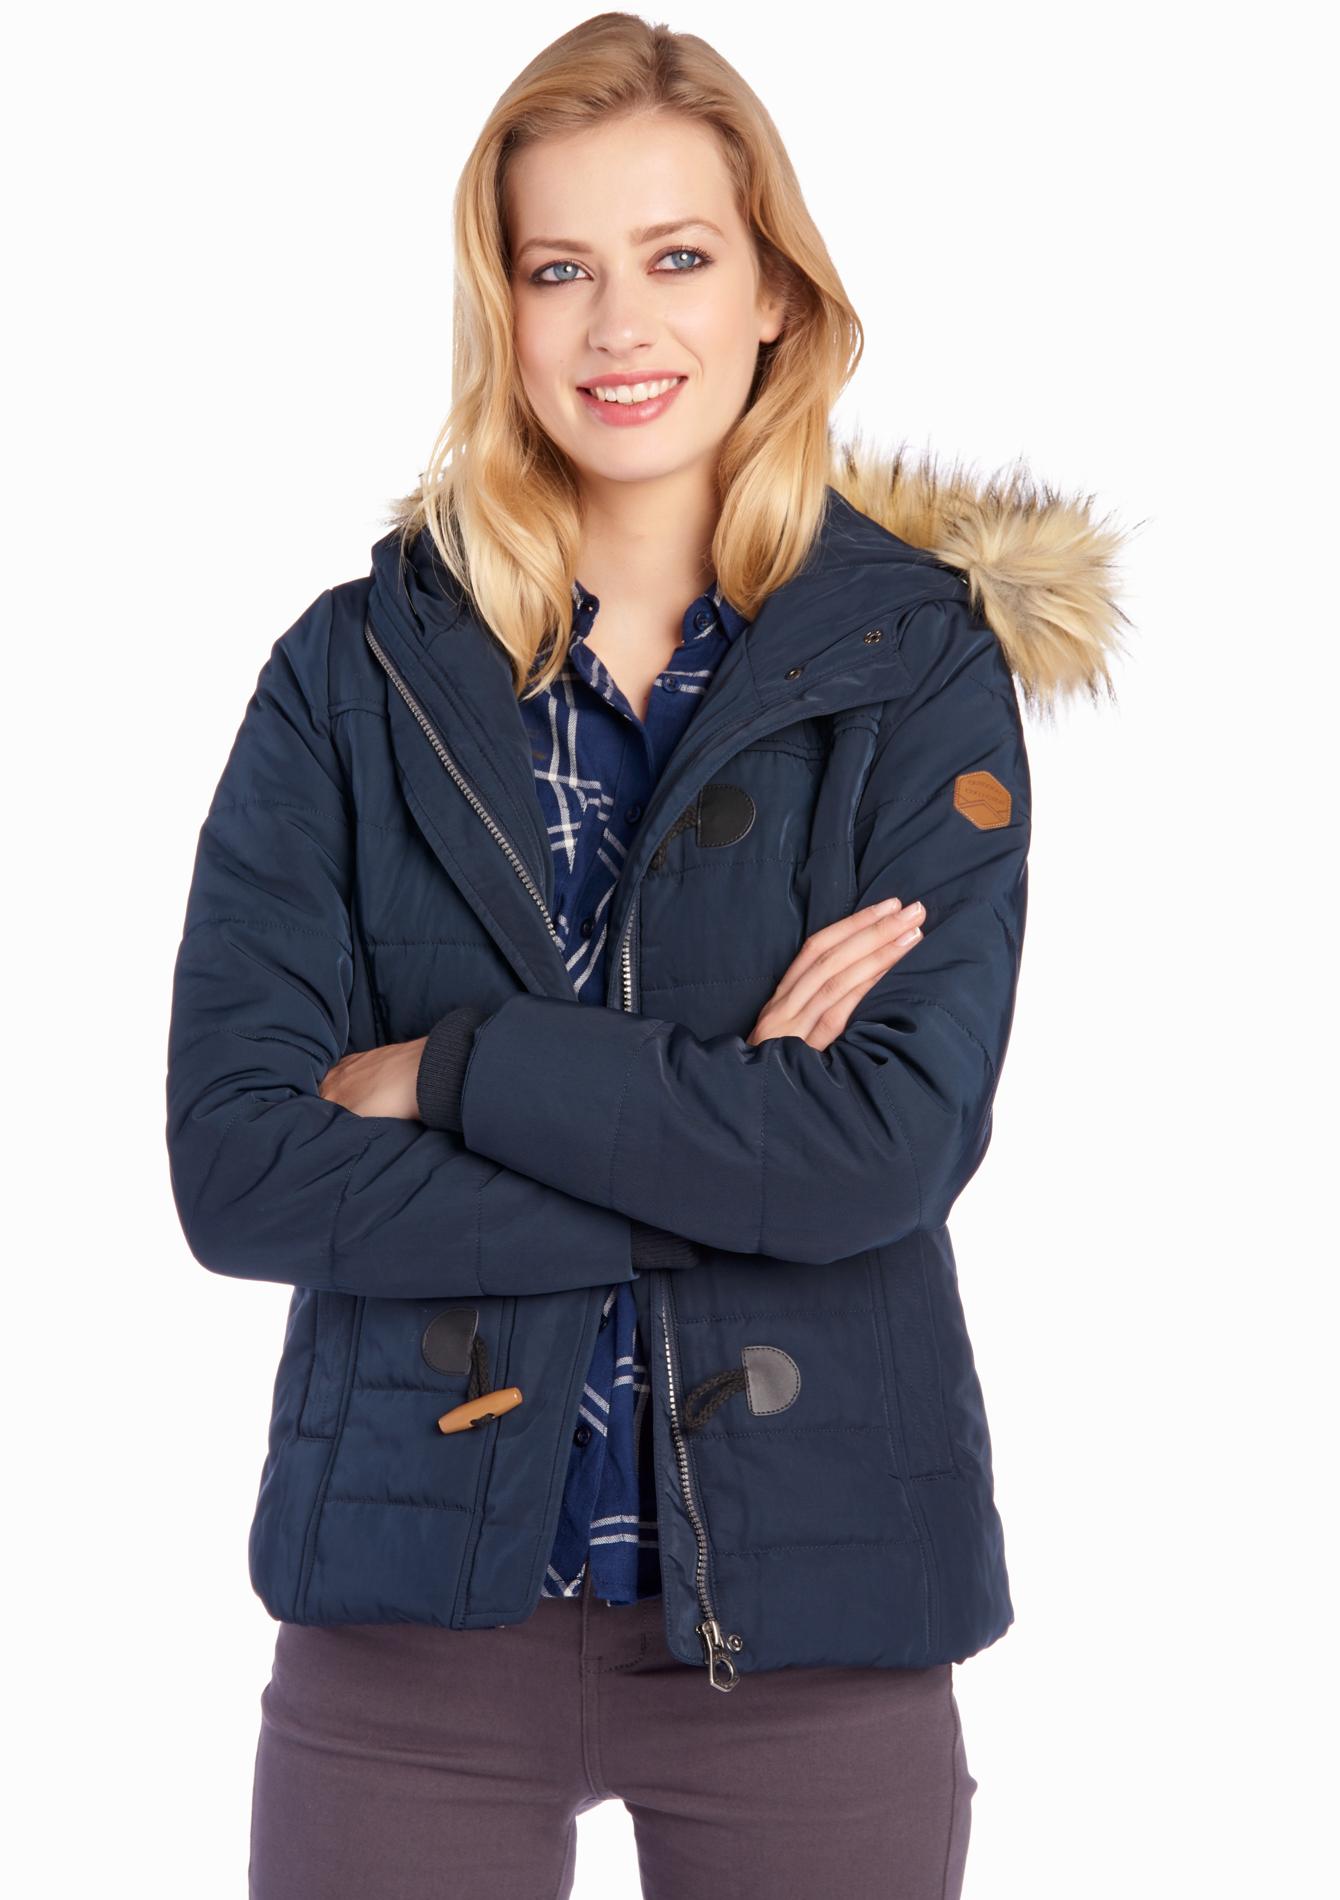 Gewatteerde jas, verwijderbare bont